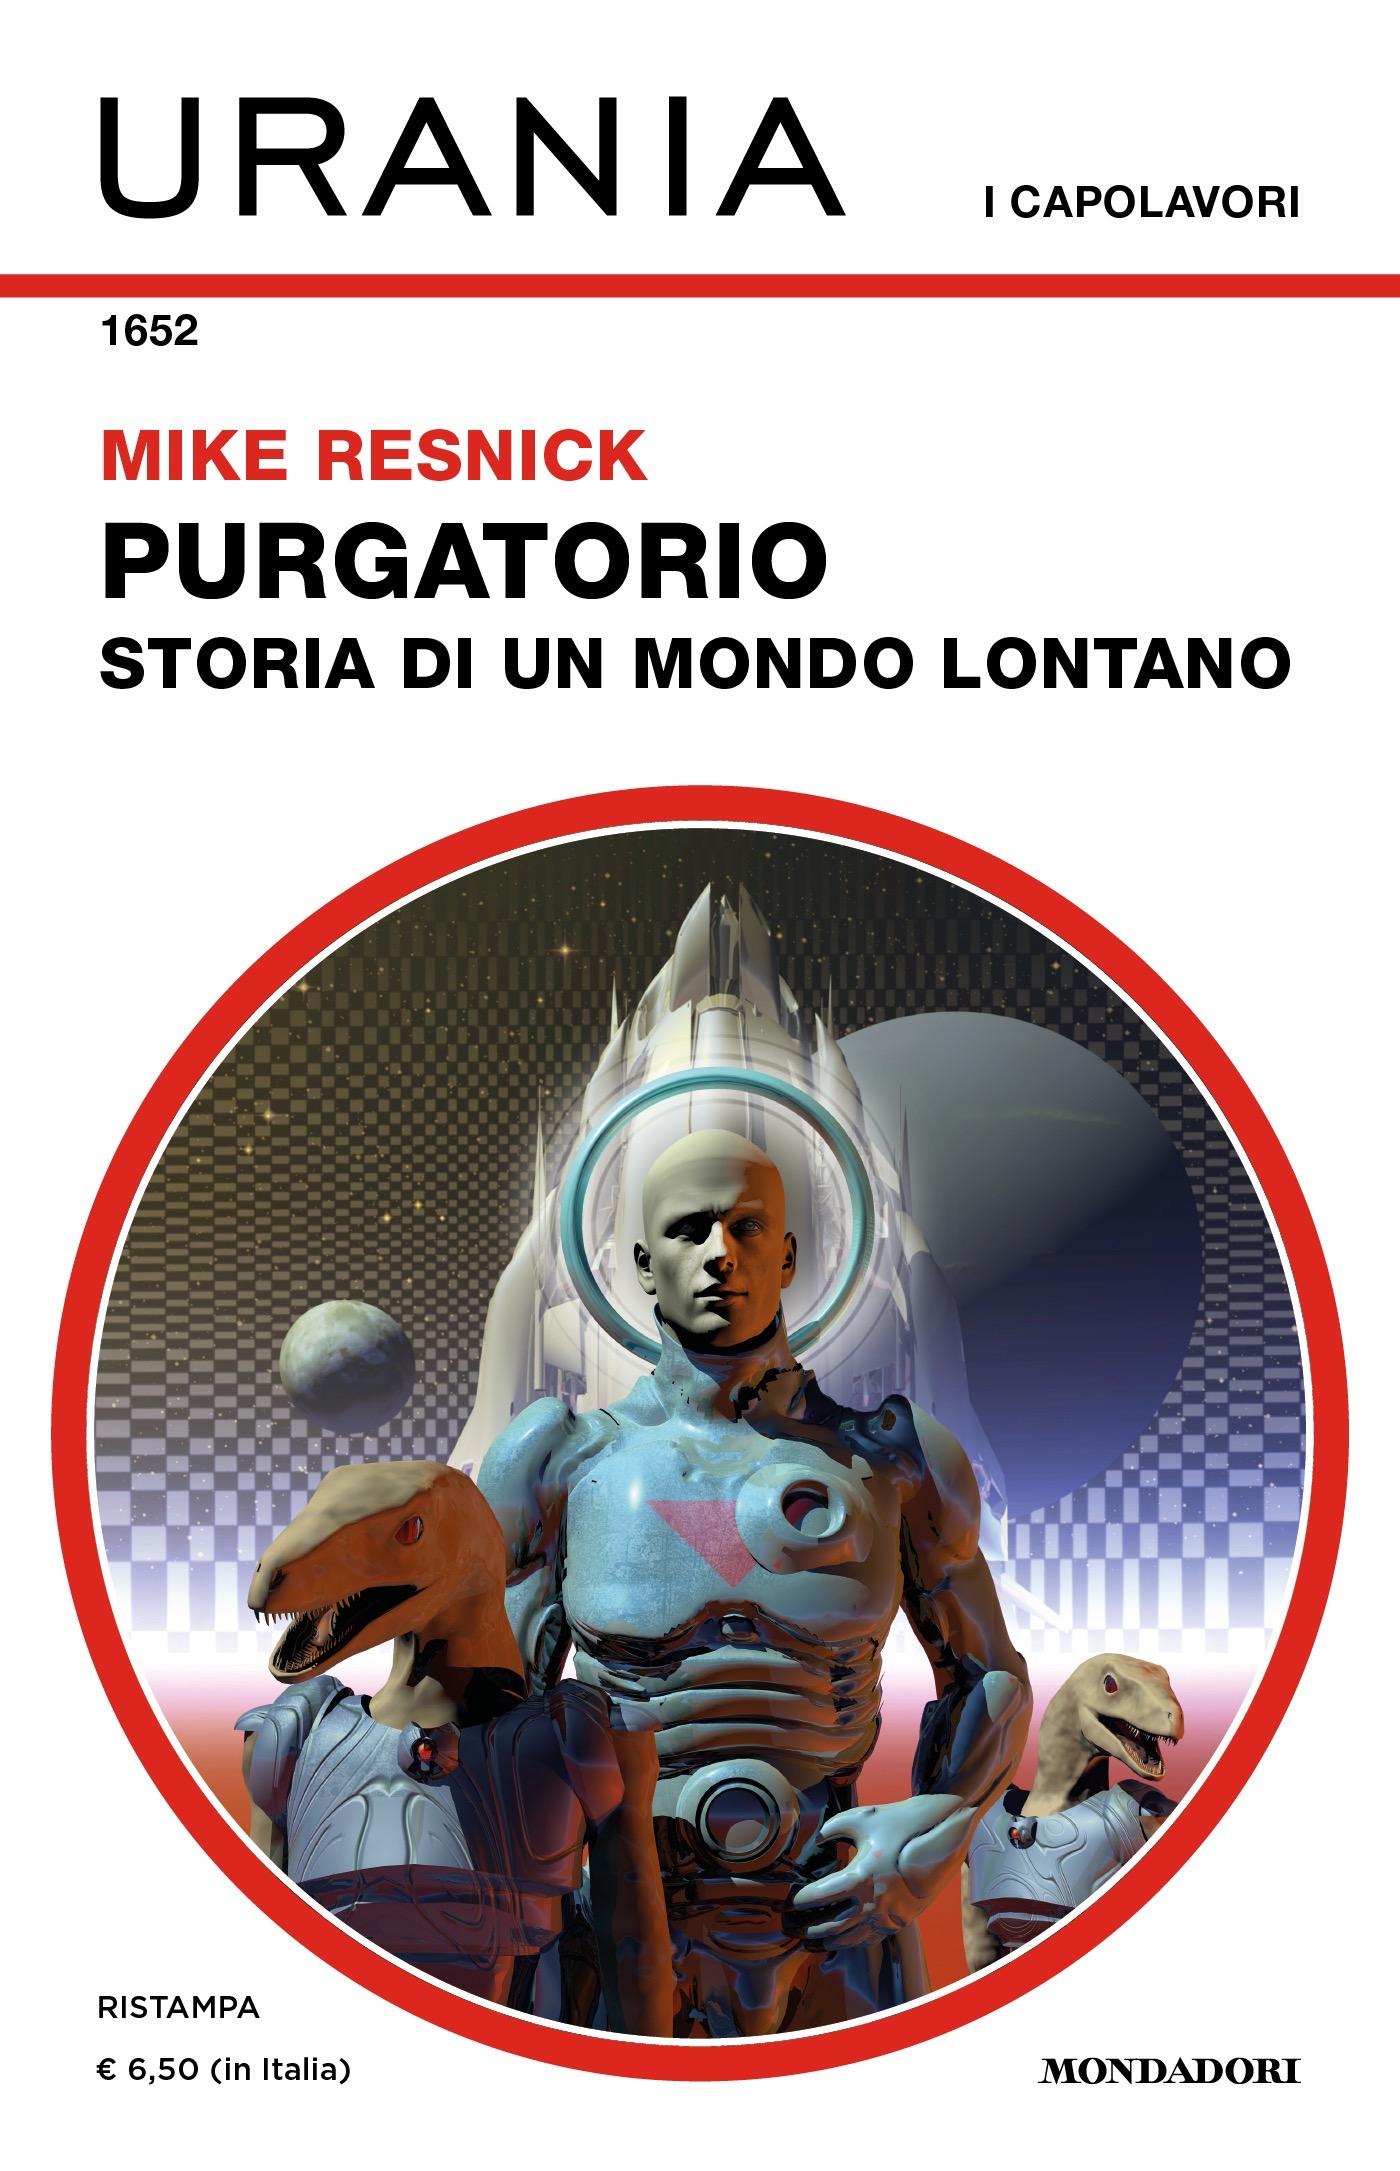 Mike Resnick - Purgatorio, Storia di un mondo lontano 3 - fanzine